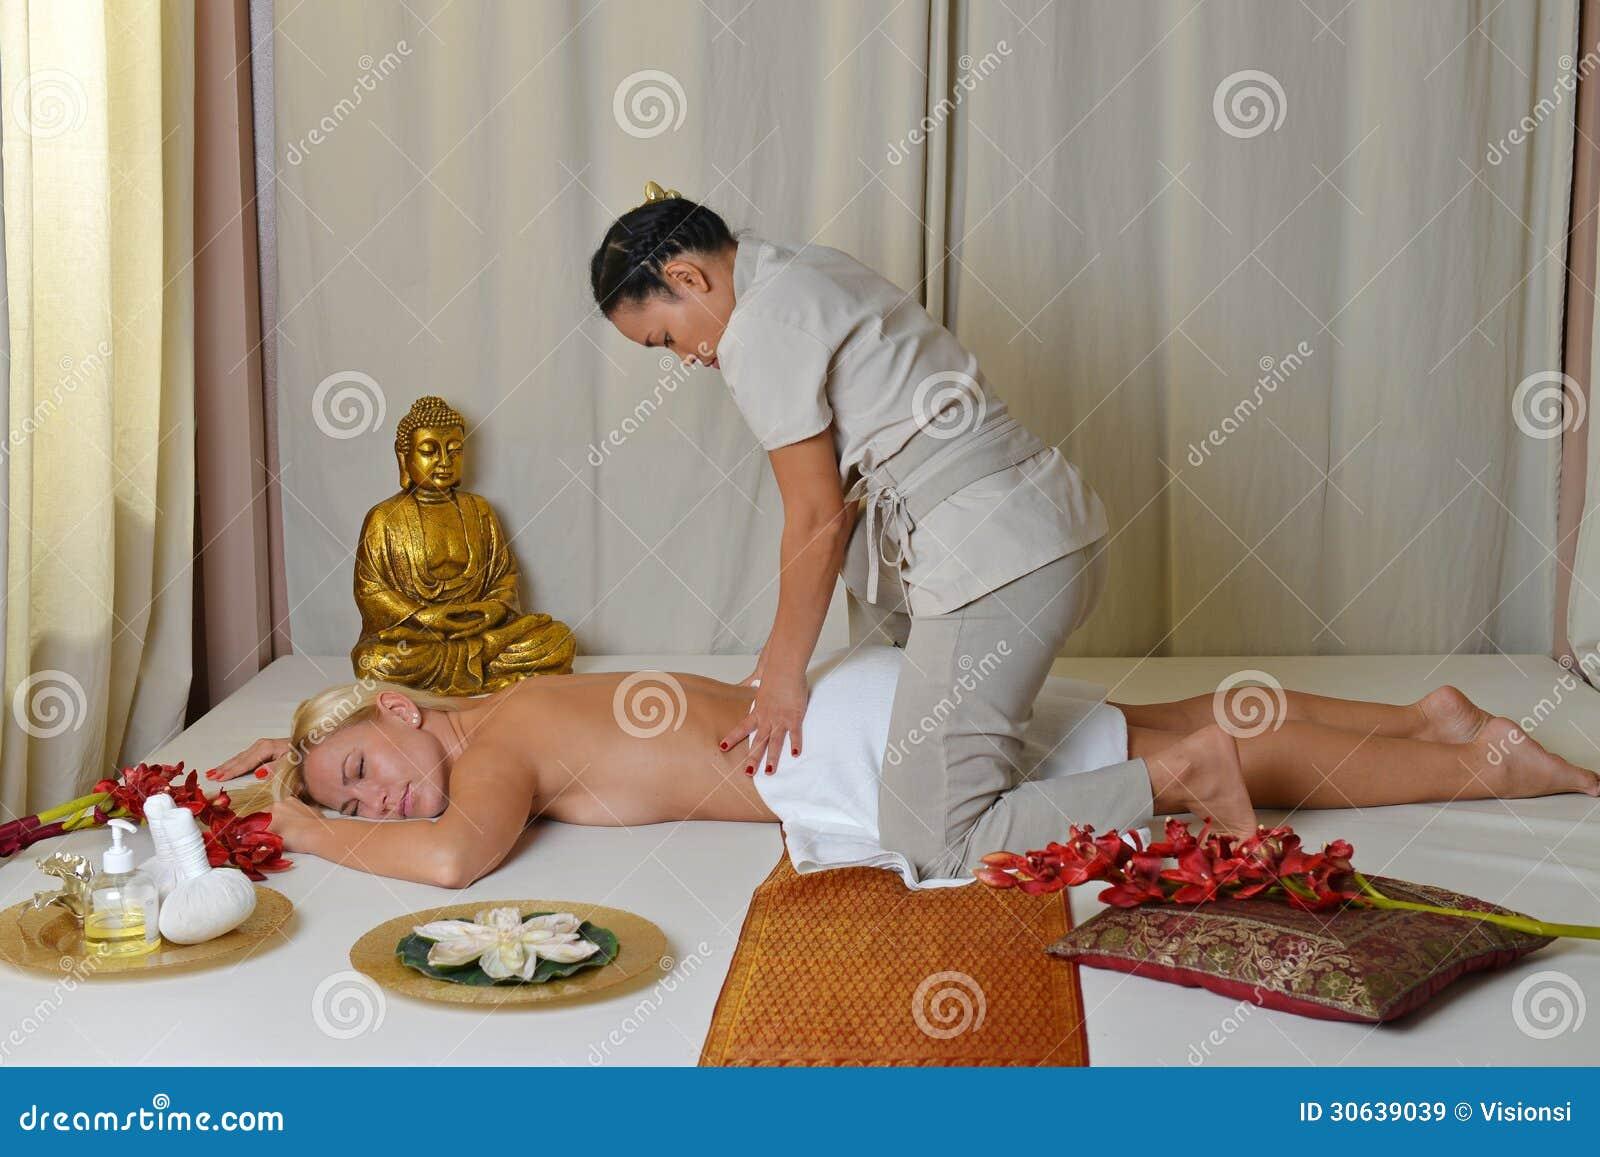 intim massage i nordjylland royal thai massage amager